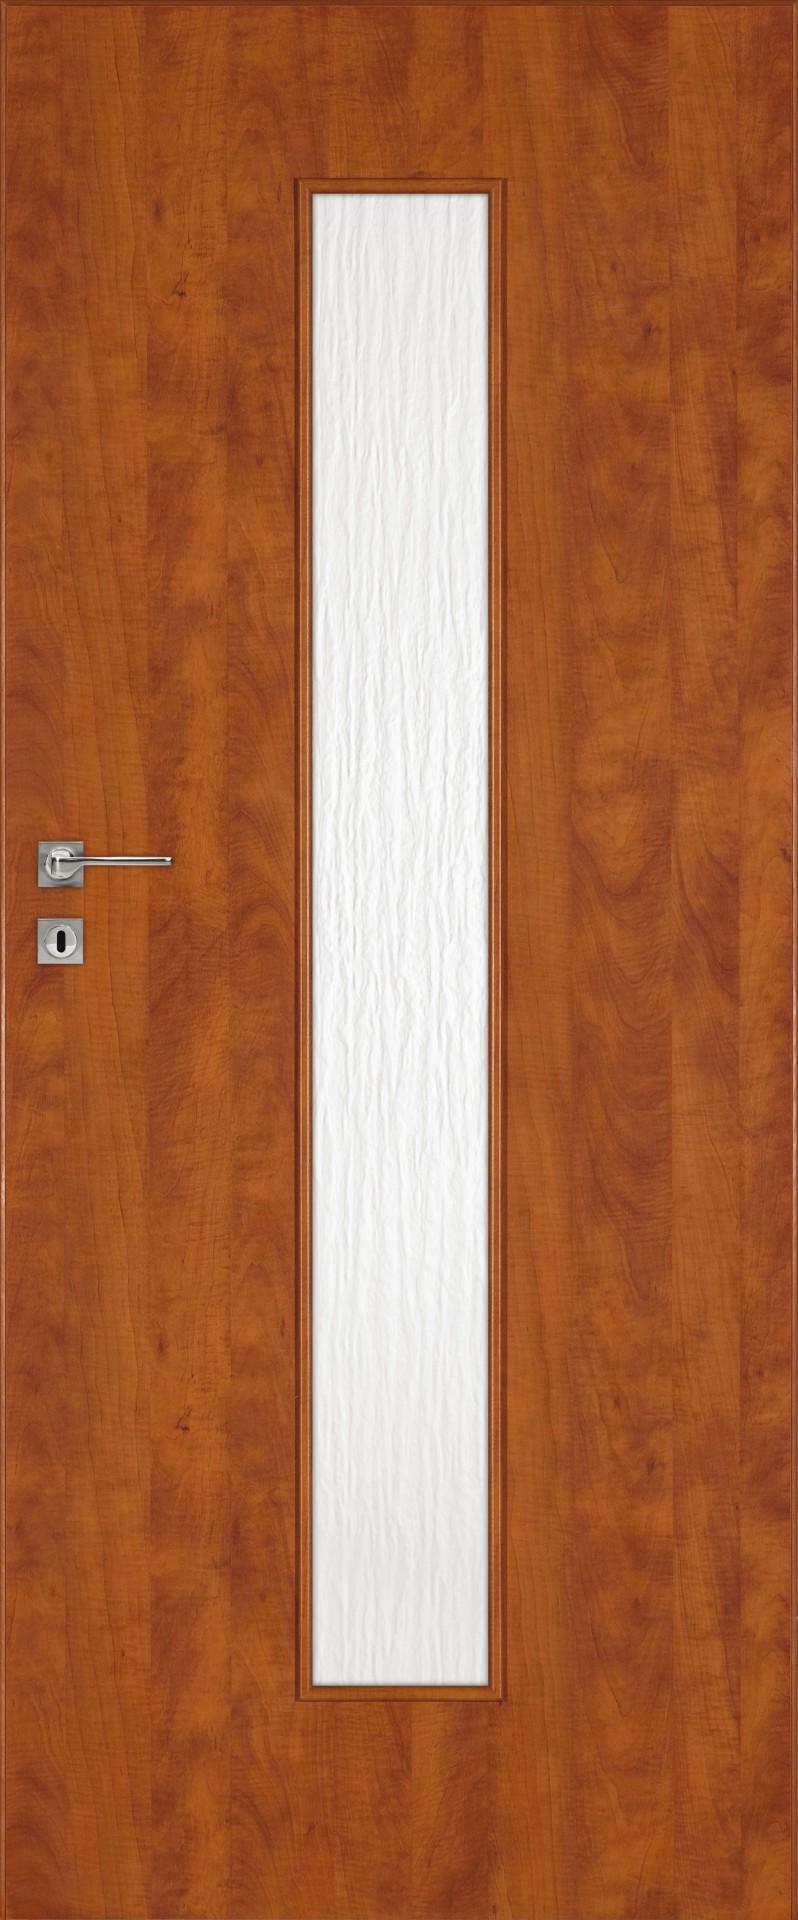 Dre dveře Standard 40, Šíře v cm 90